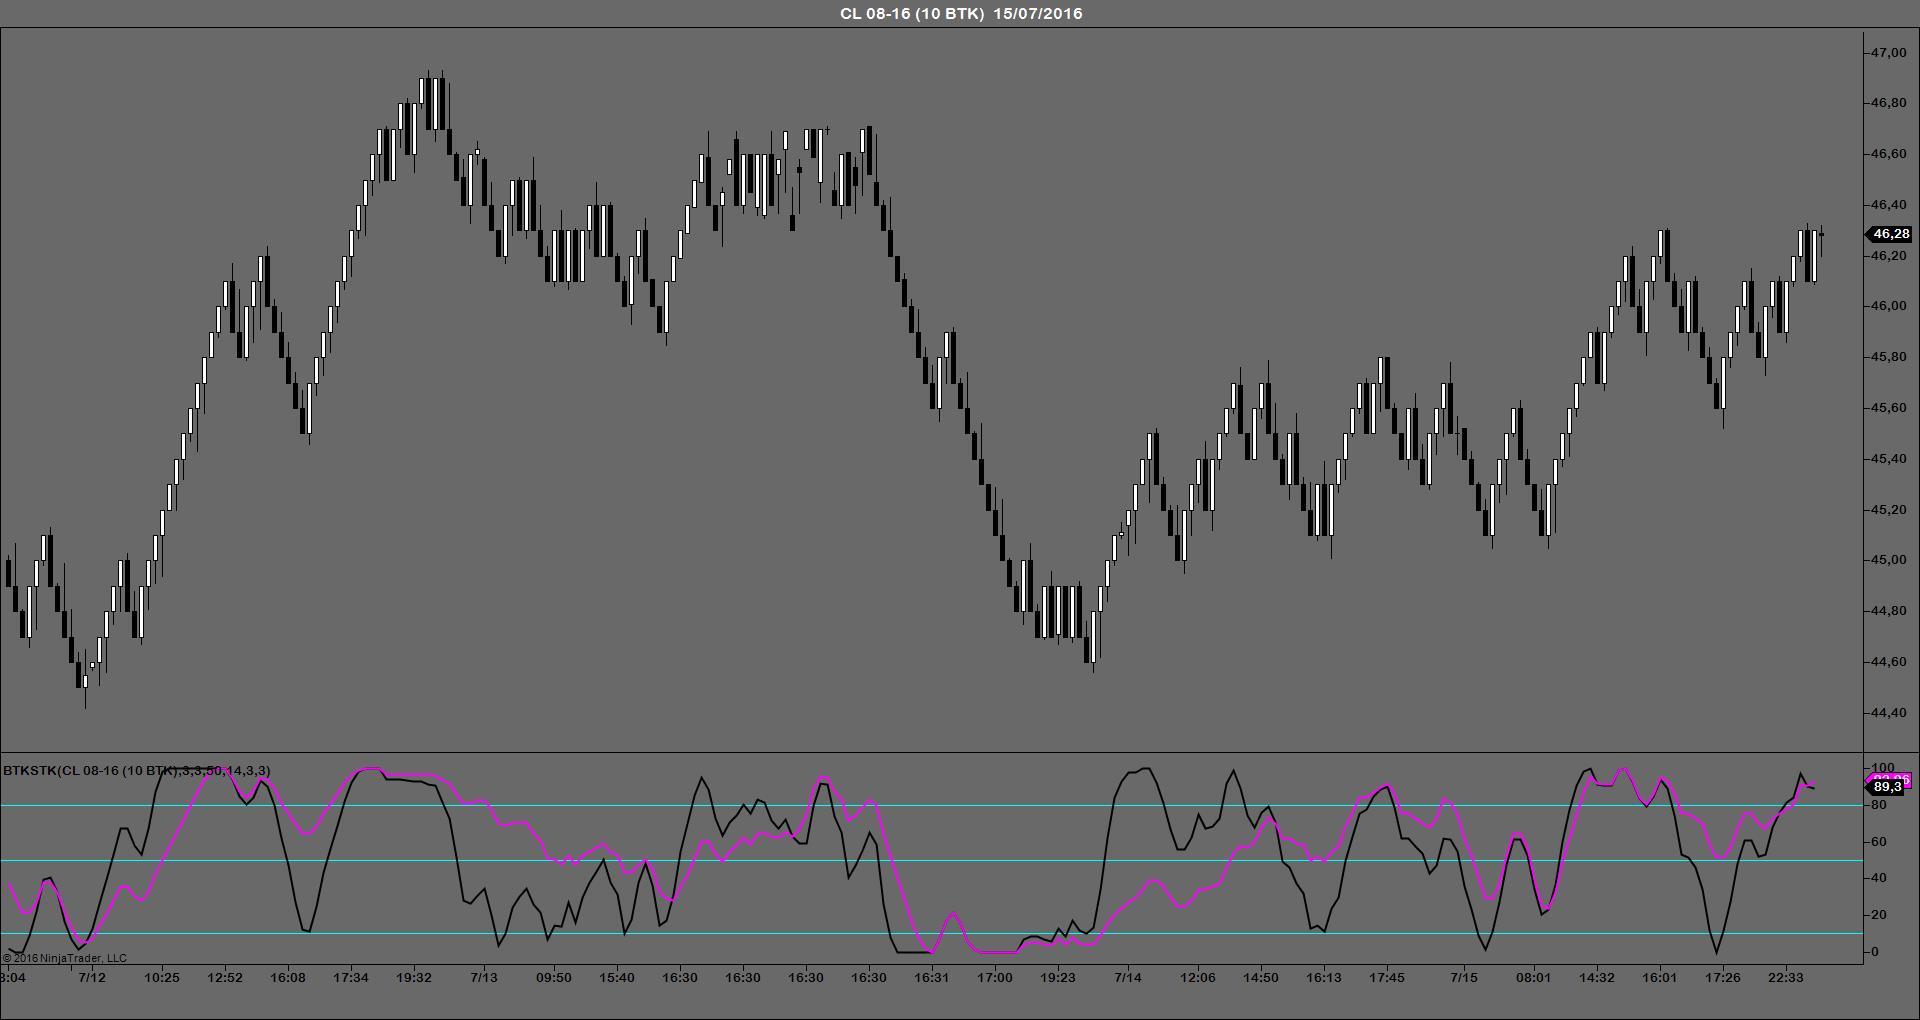 BTKSTK indicador trading